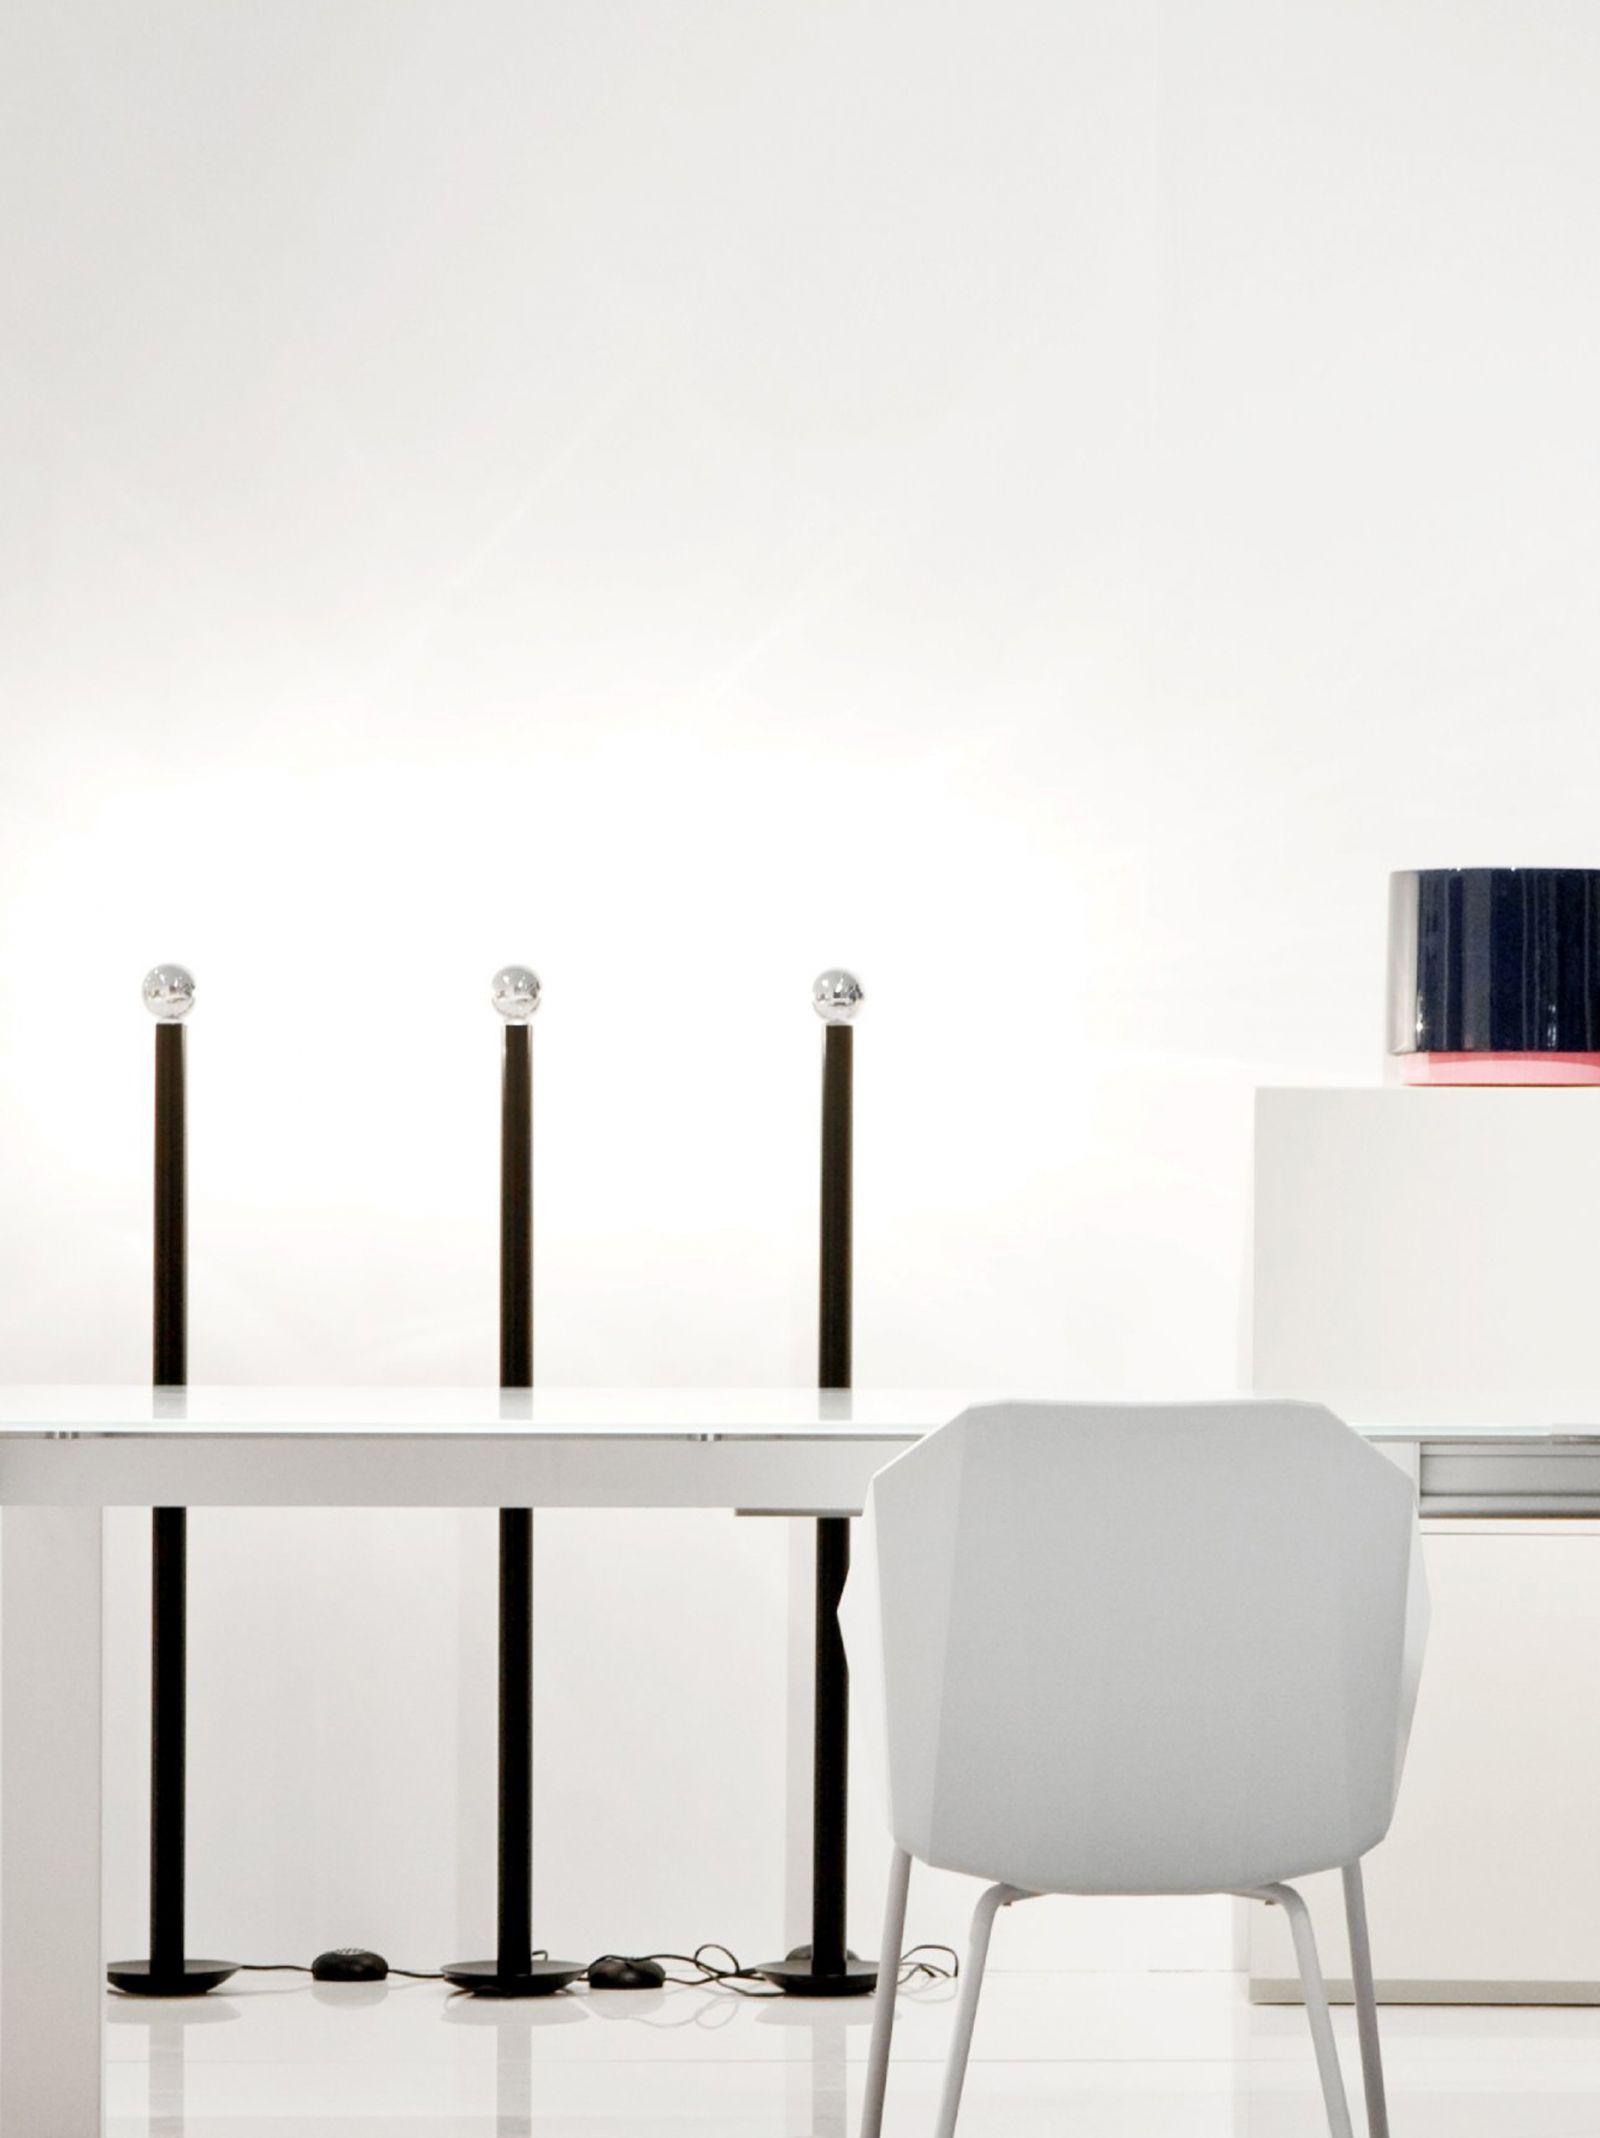 Avanceret Oscar - Lighting for Ligne Roset - LOUDORDESIGN studio | Jean HK58